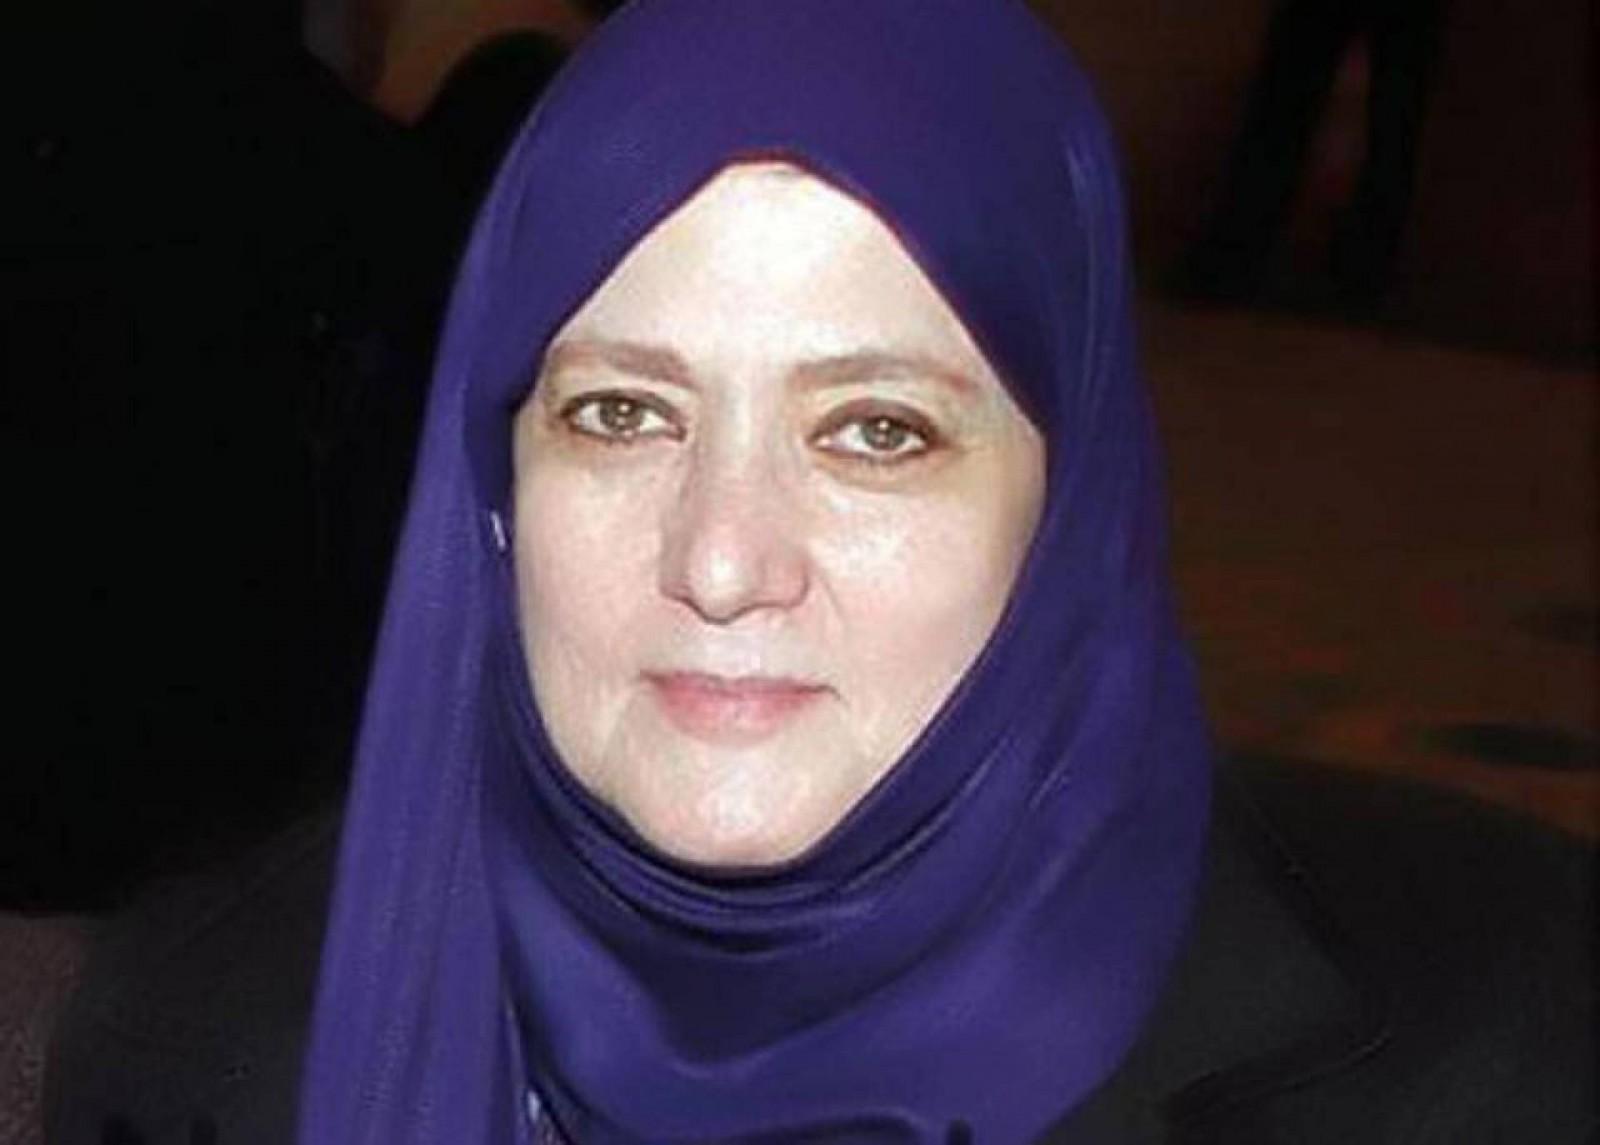 شمس البارودي نجمة الإغراء التي أعلنت التوبة.. وإنفصلت عن حسن يوسف بعد شهرين من الزواج ومُنعت أفلامها من العرض